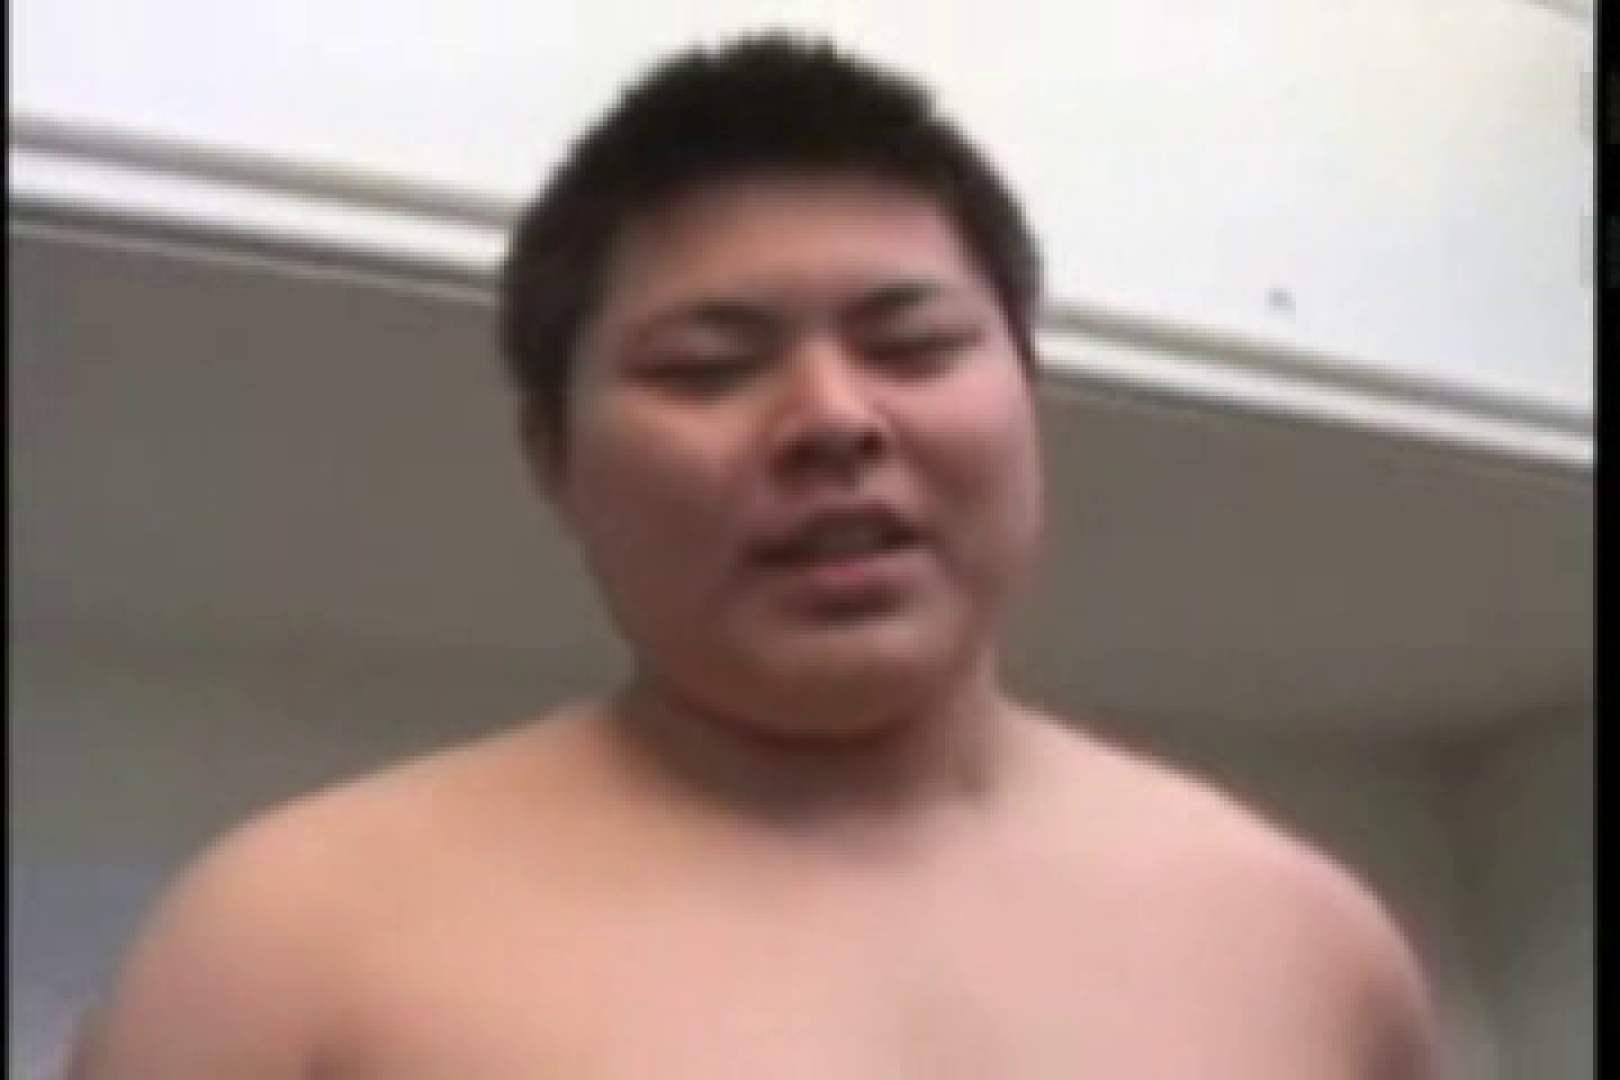 ファイル流出! ! 太郎君のドロドロ射精 アナル ゲイザーメン画像 103枚 18